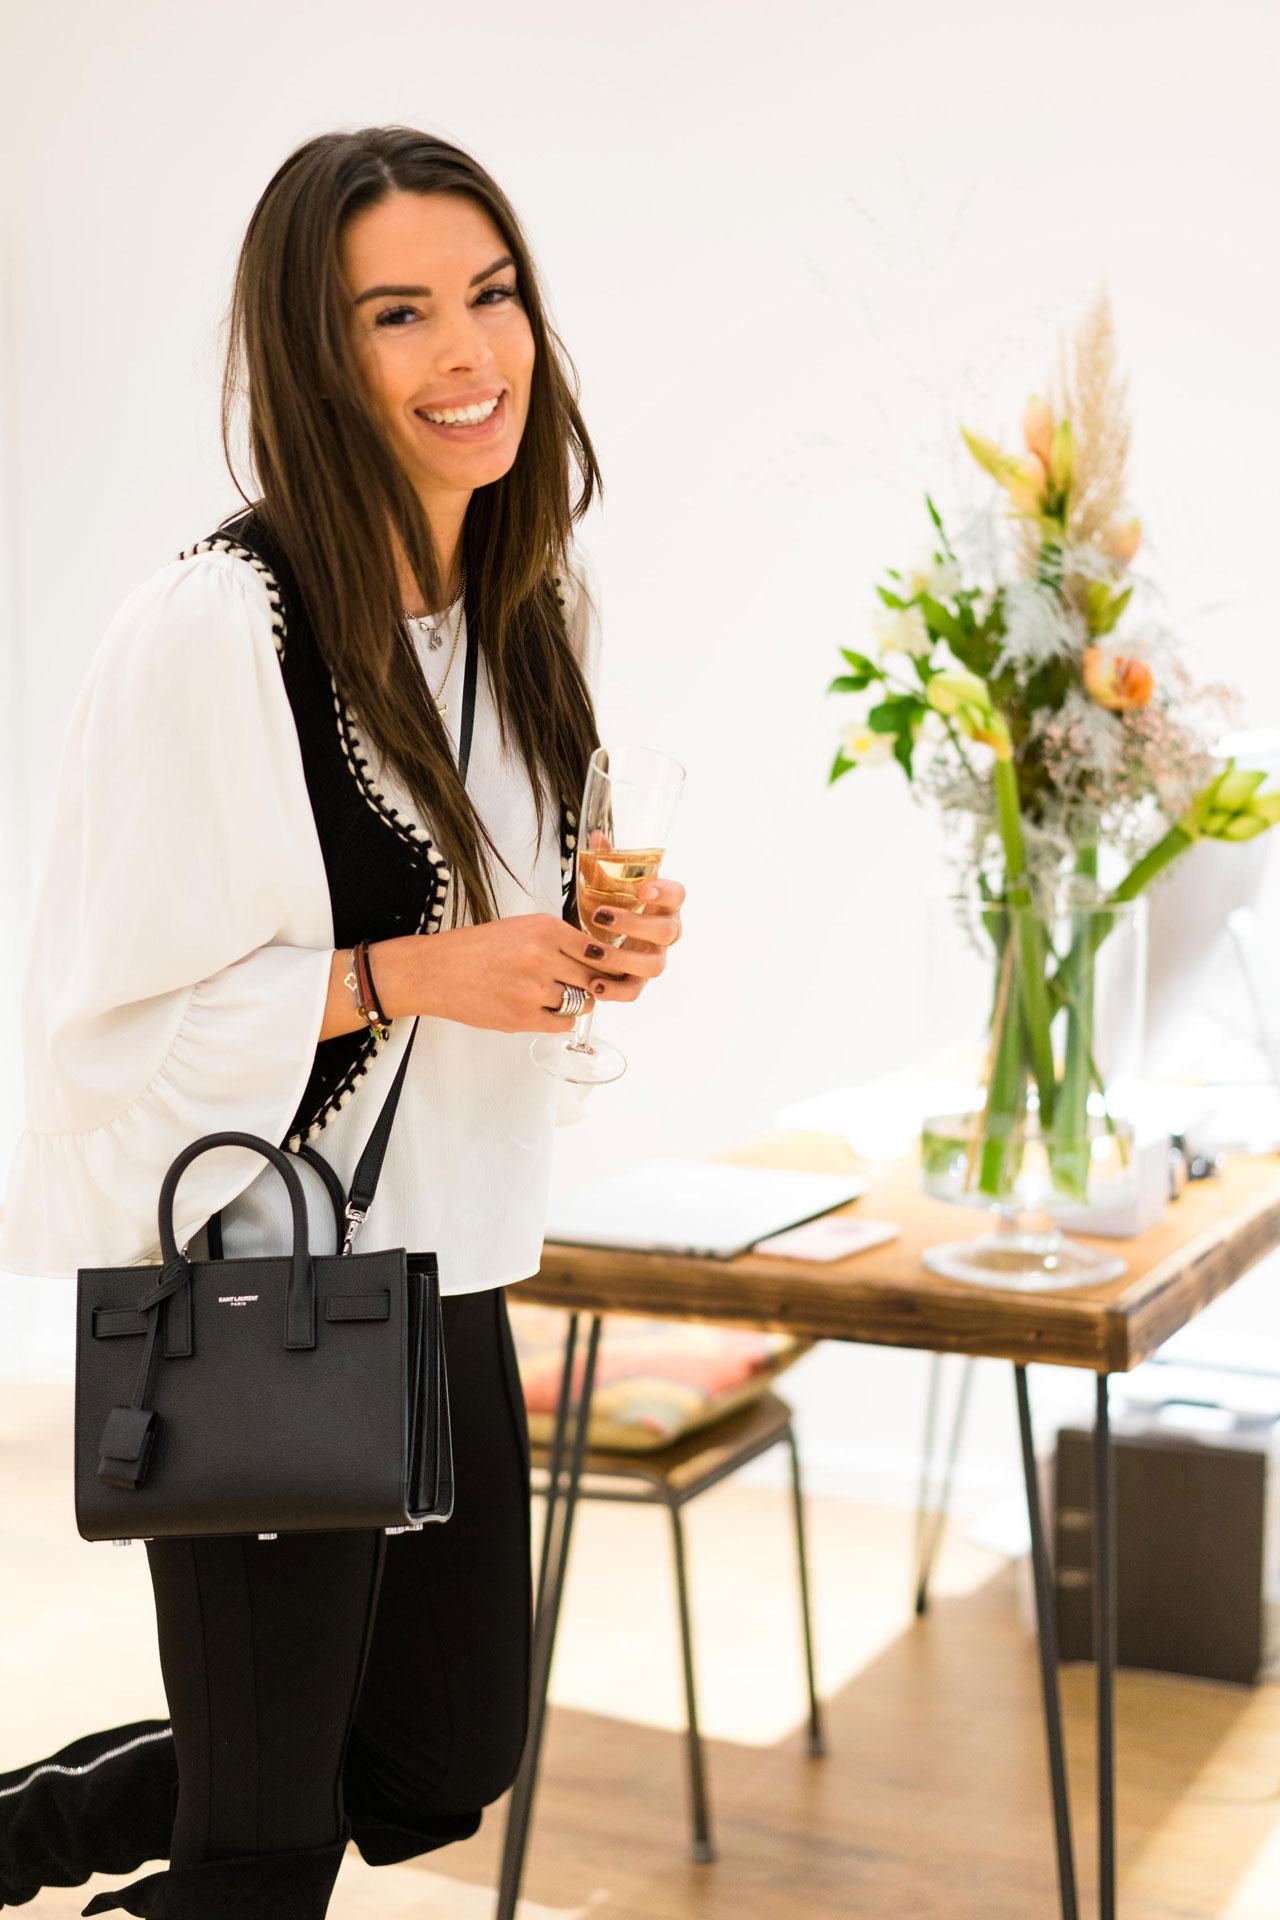 luxussachen-blog-valeria